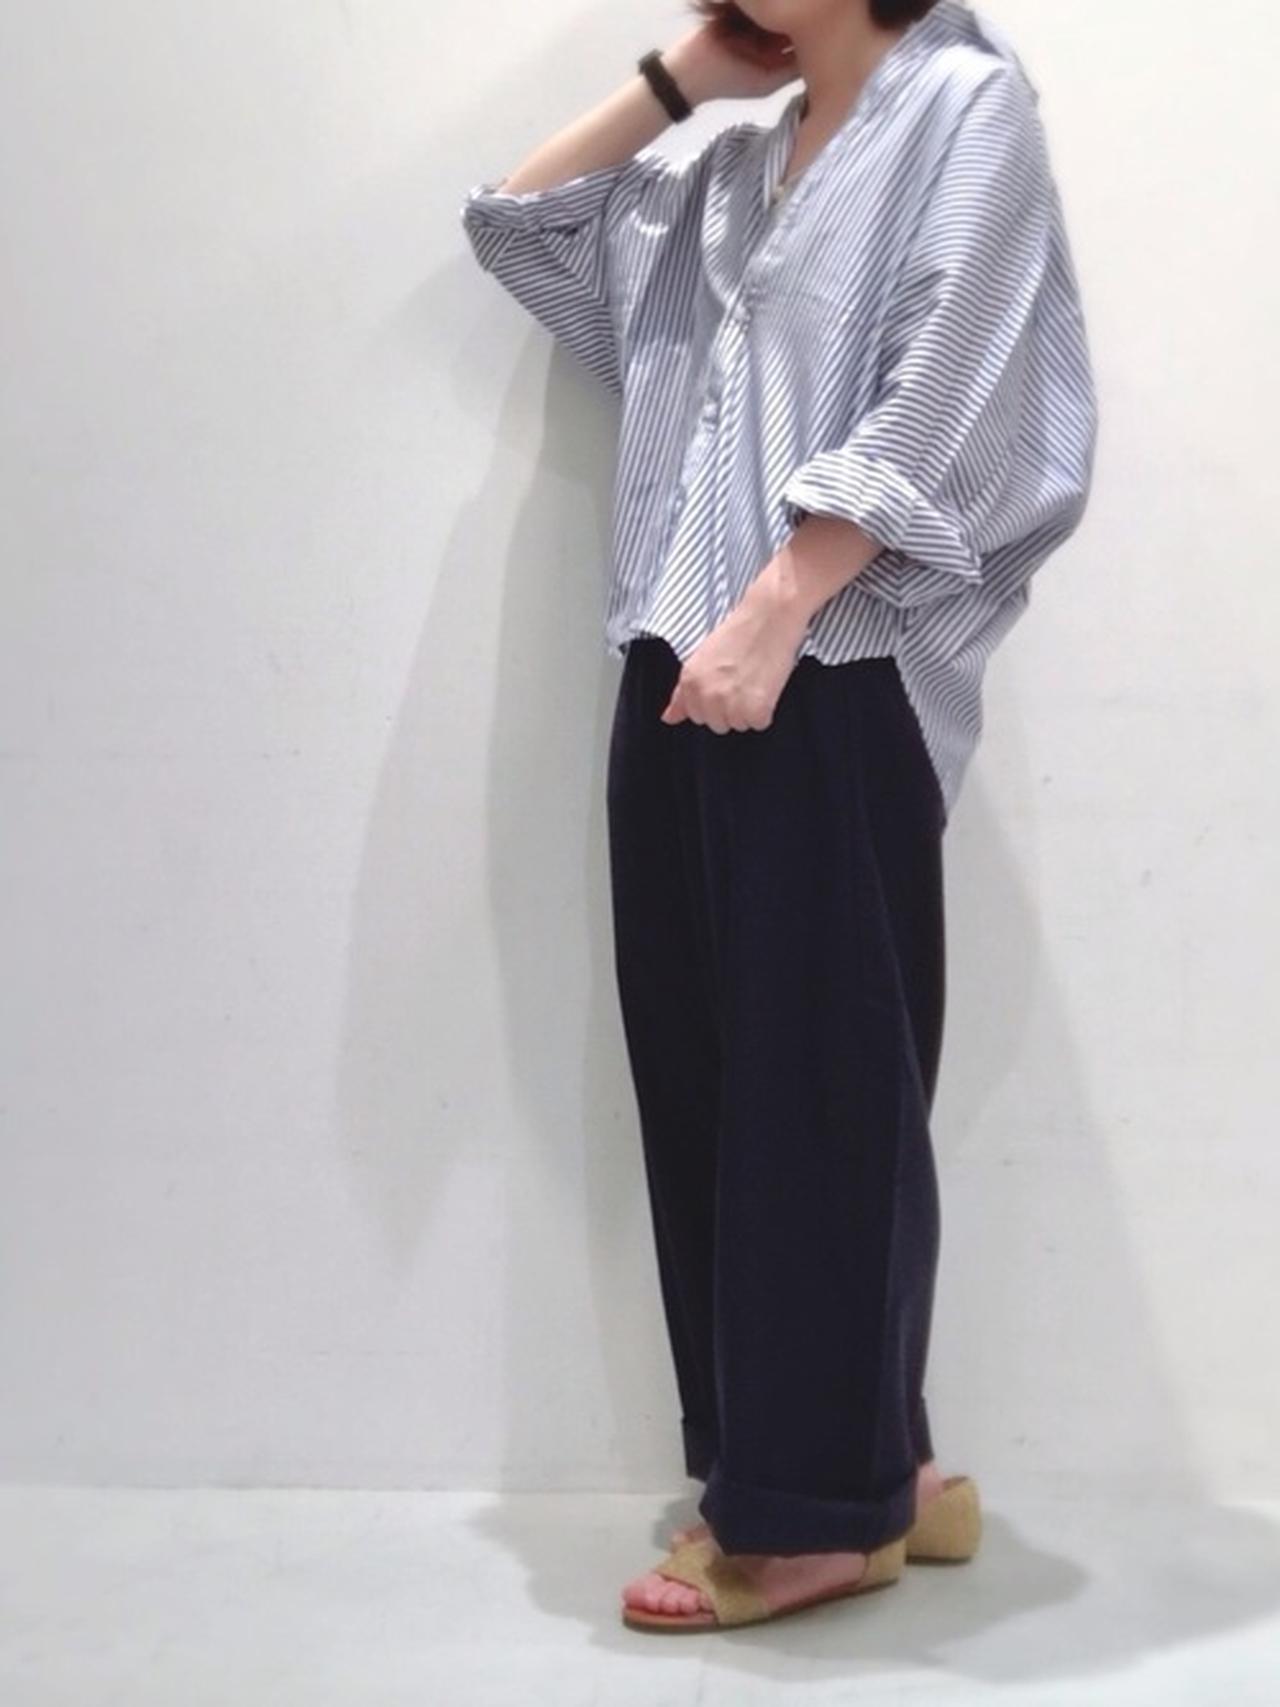 画像: 【te chichi TERRASSE】セパレートフラットシューズ 5,409円(税込み)【Lugnoncure】ドルマリンギャザーシャツ4,389円(税込)【Lugnoncure】 リサイクルリネンツイルワイドパンツ5,489円(税込)